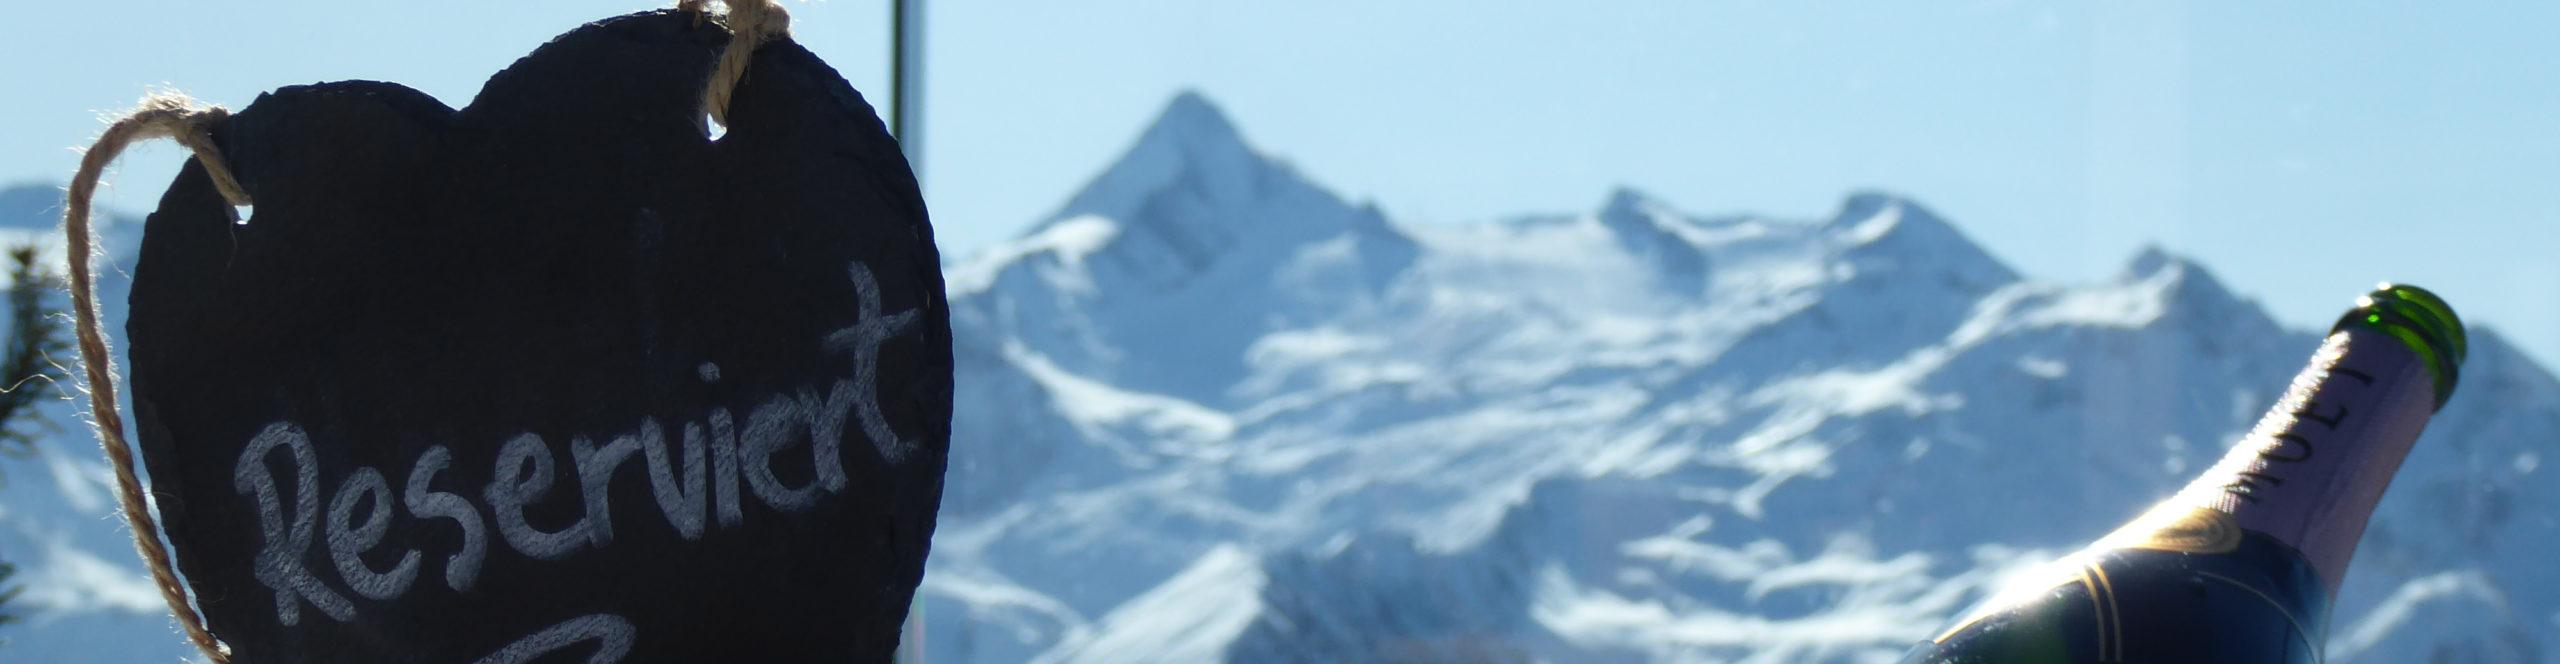 ZELL AM SEE – Kitzsteinhorn – Skiwochenende in zwei Skigebiete – 3 Skitage ab Donnerstag